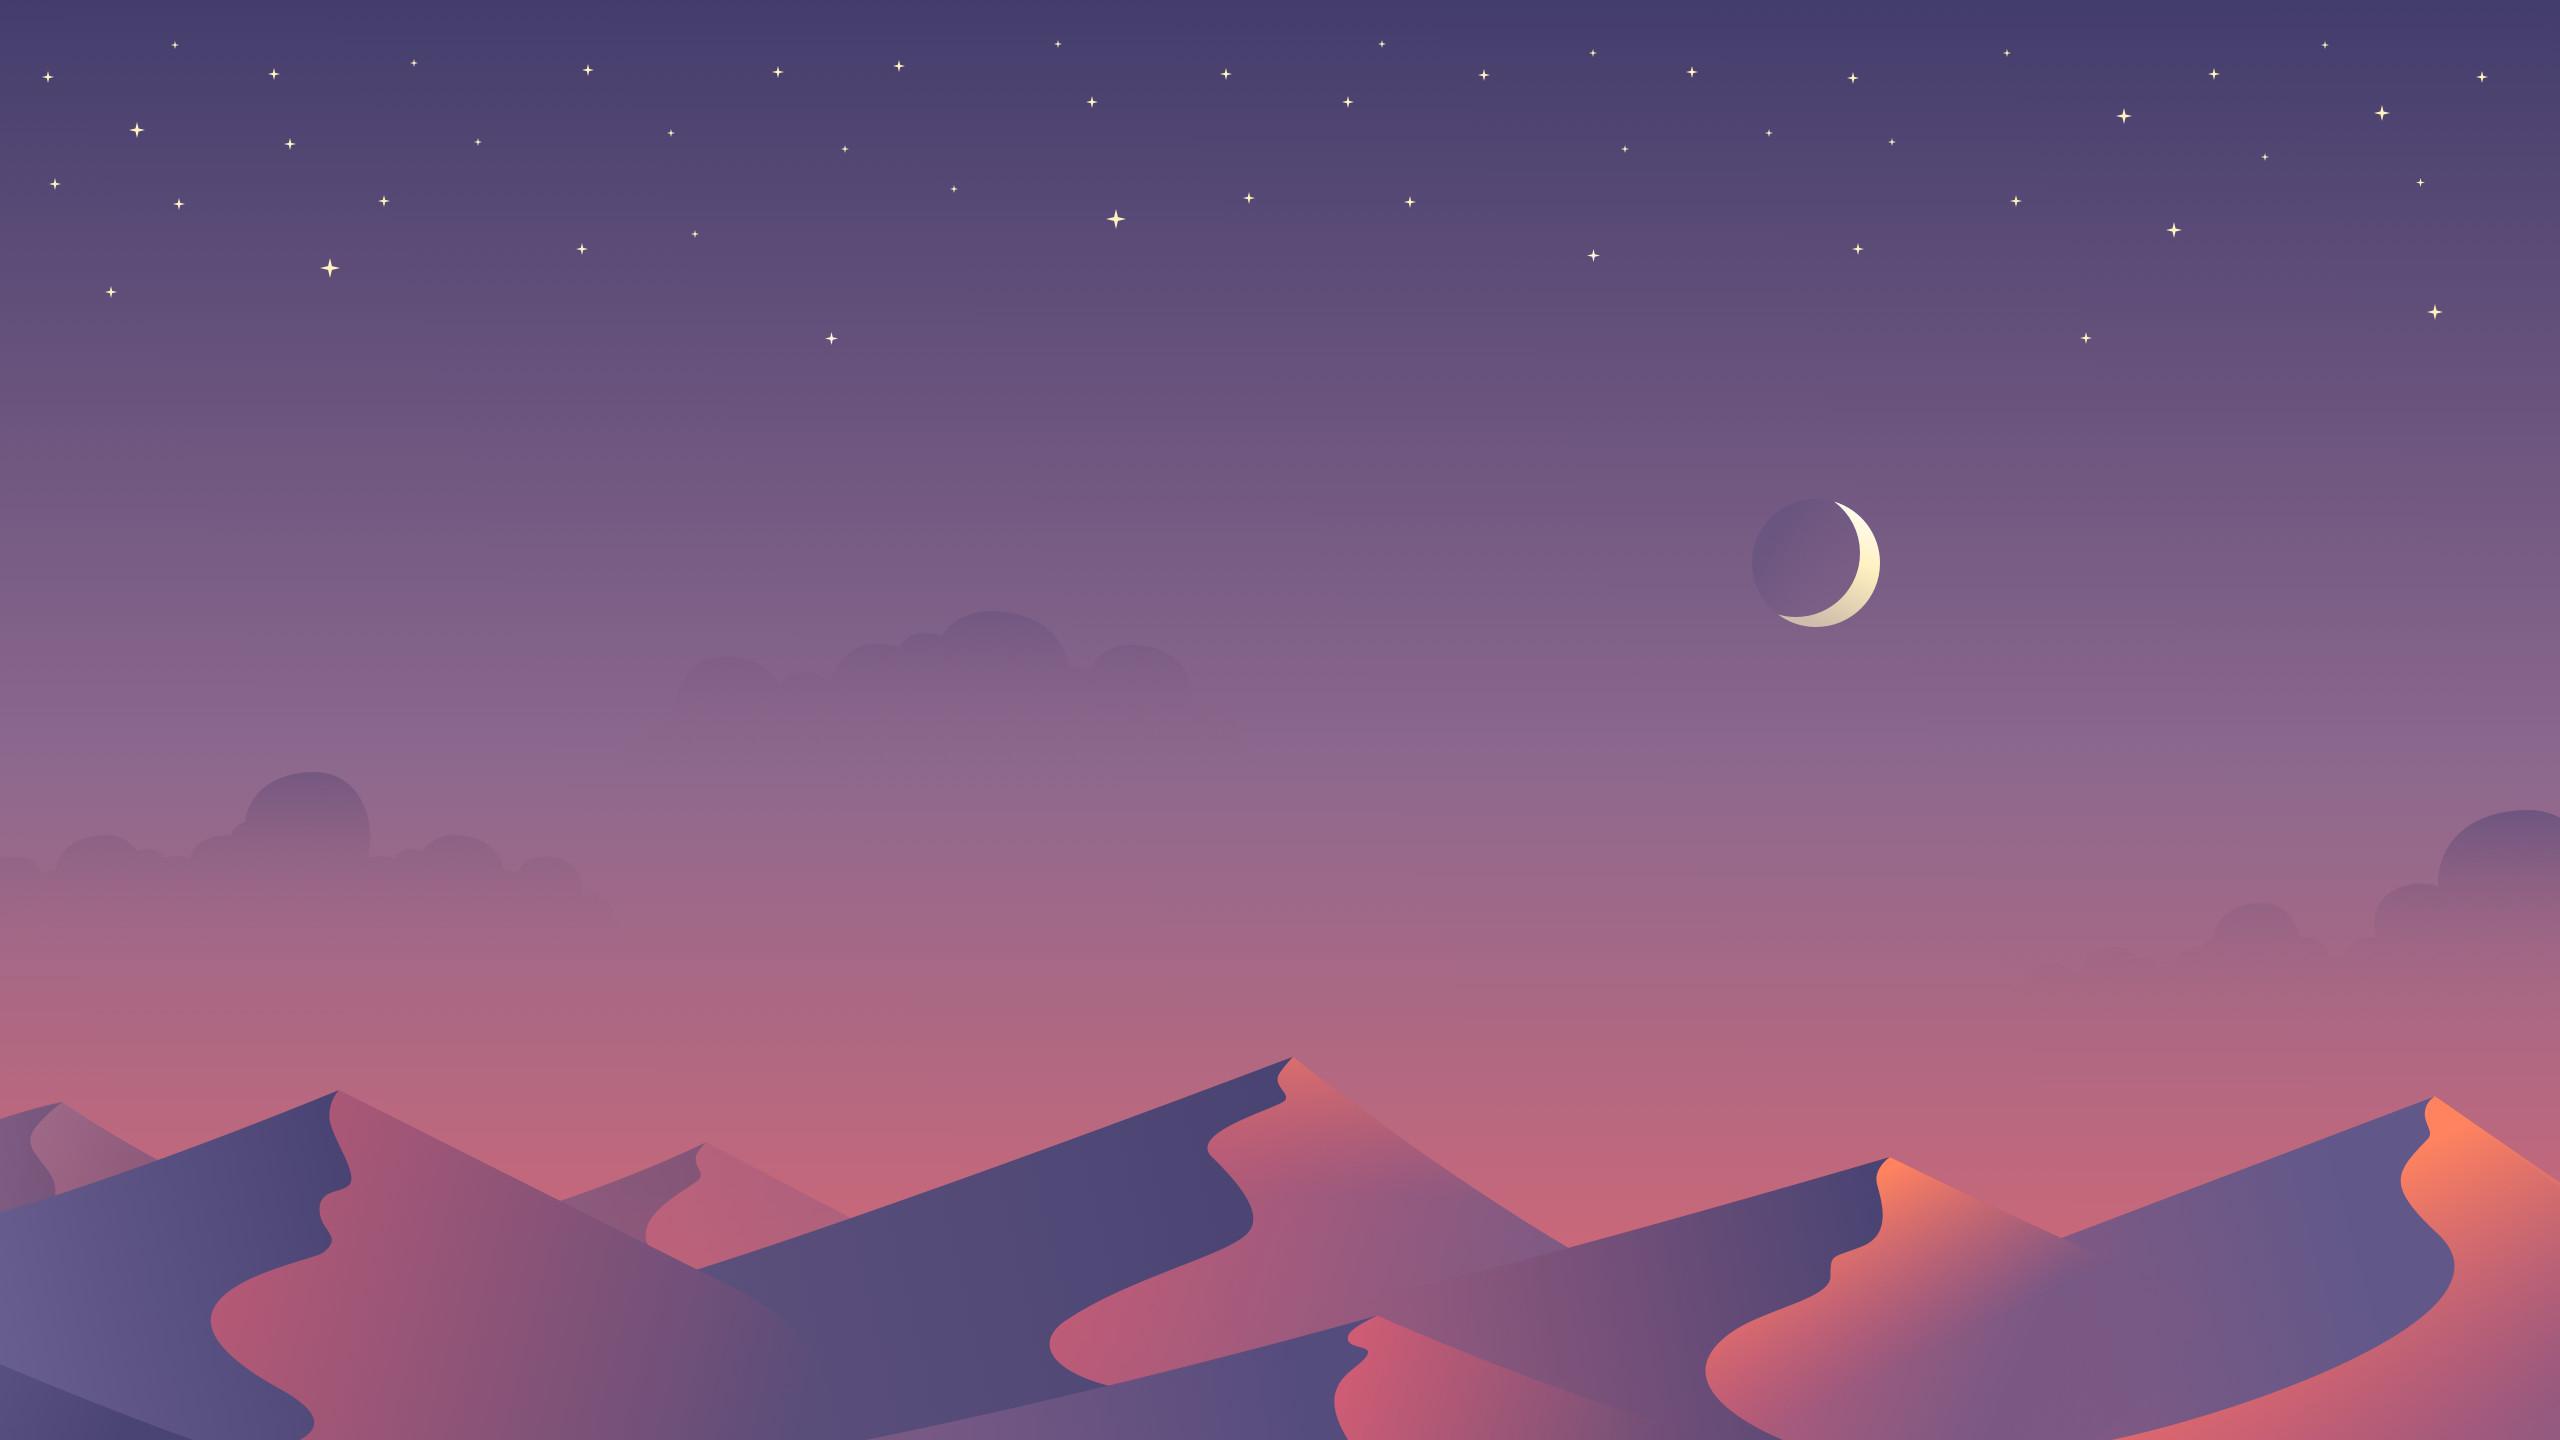 Desert Night Desktop Wallpaper by Maria Shanina